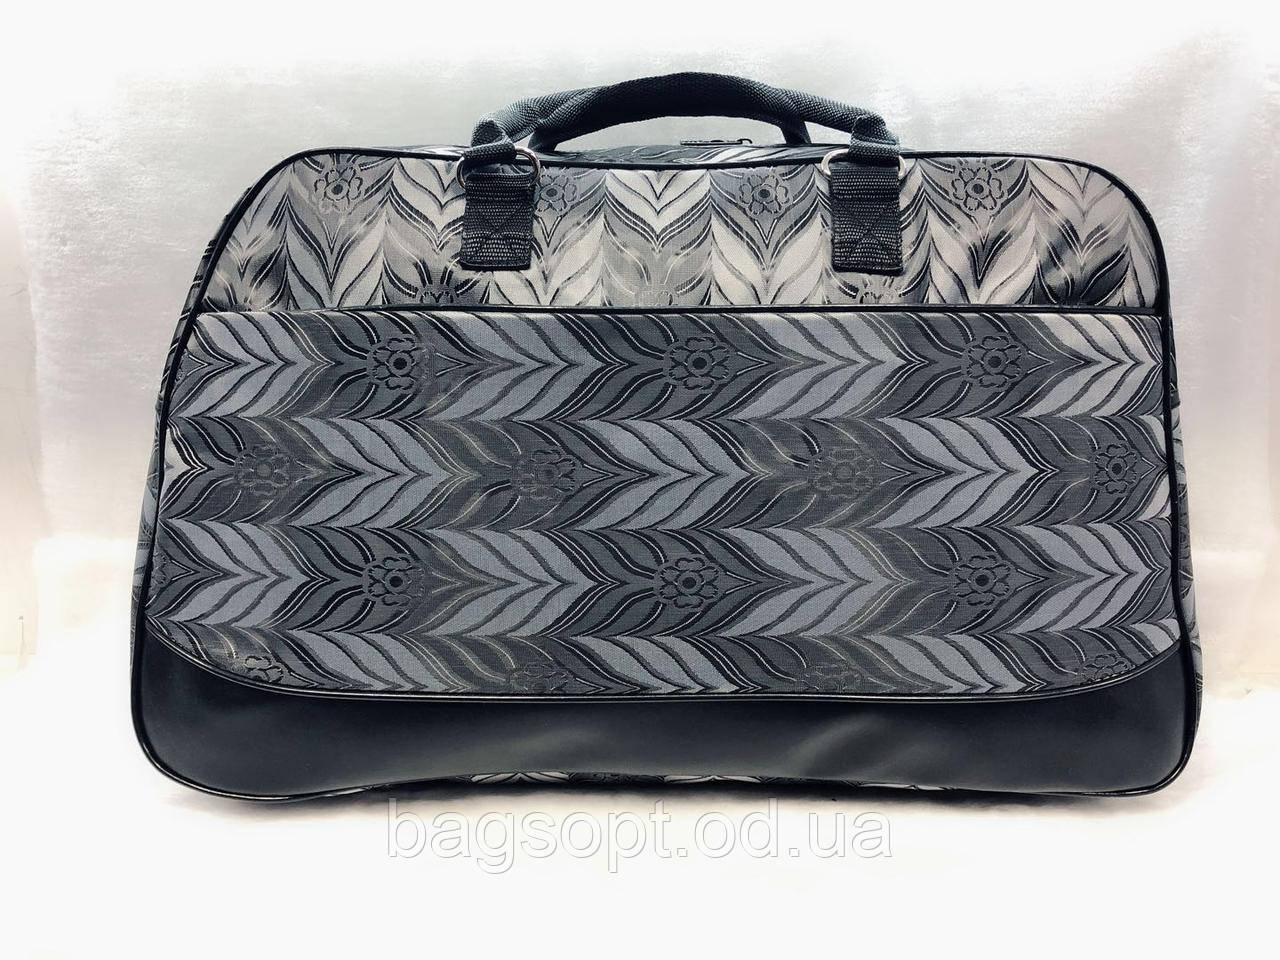 Текстильная дорожная женская сумка-саквояж серая для путешествий